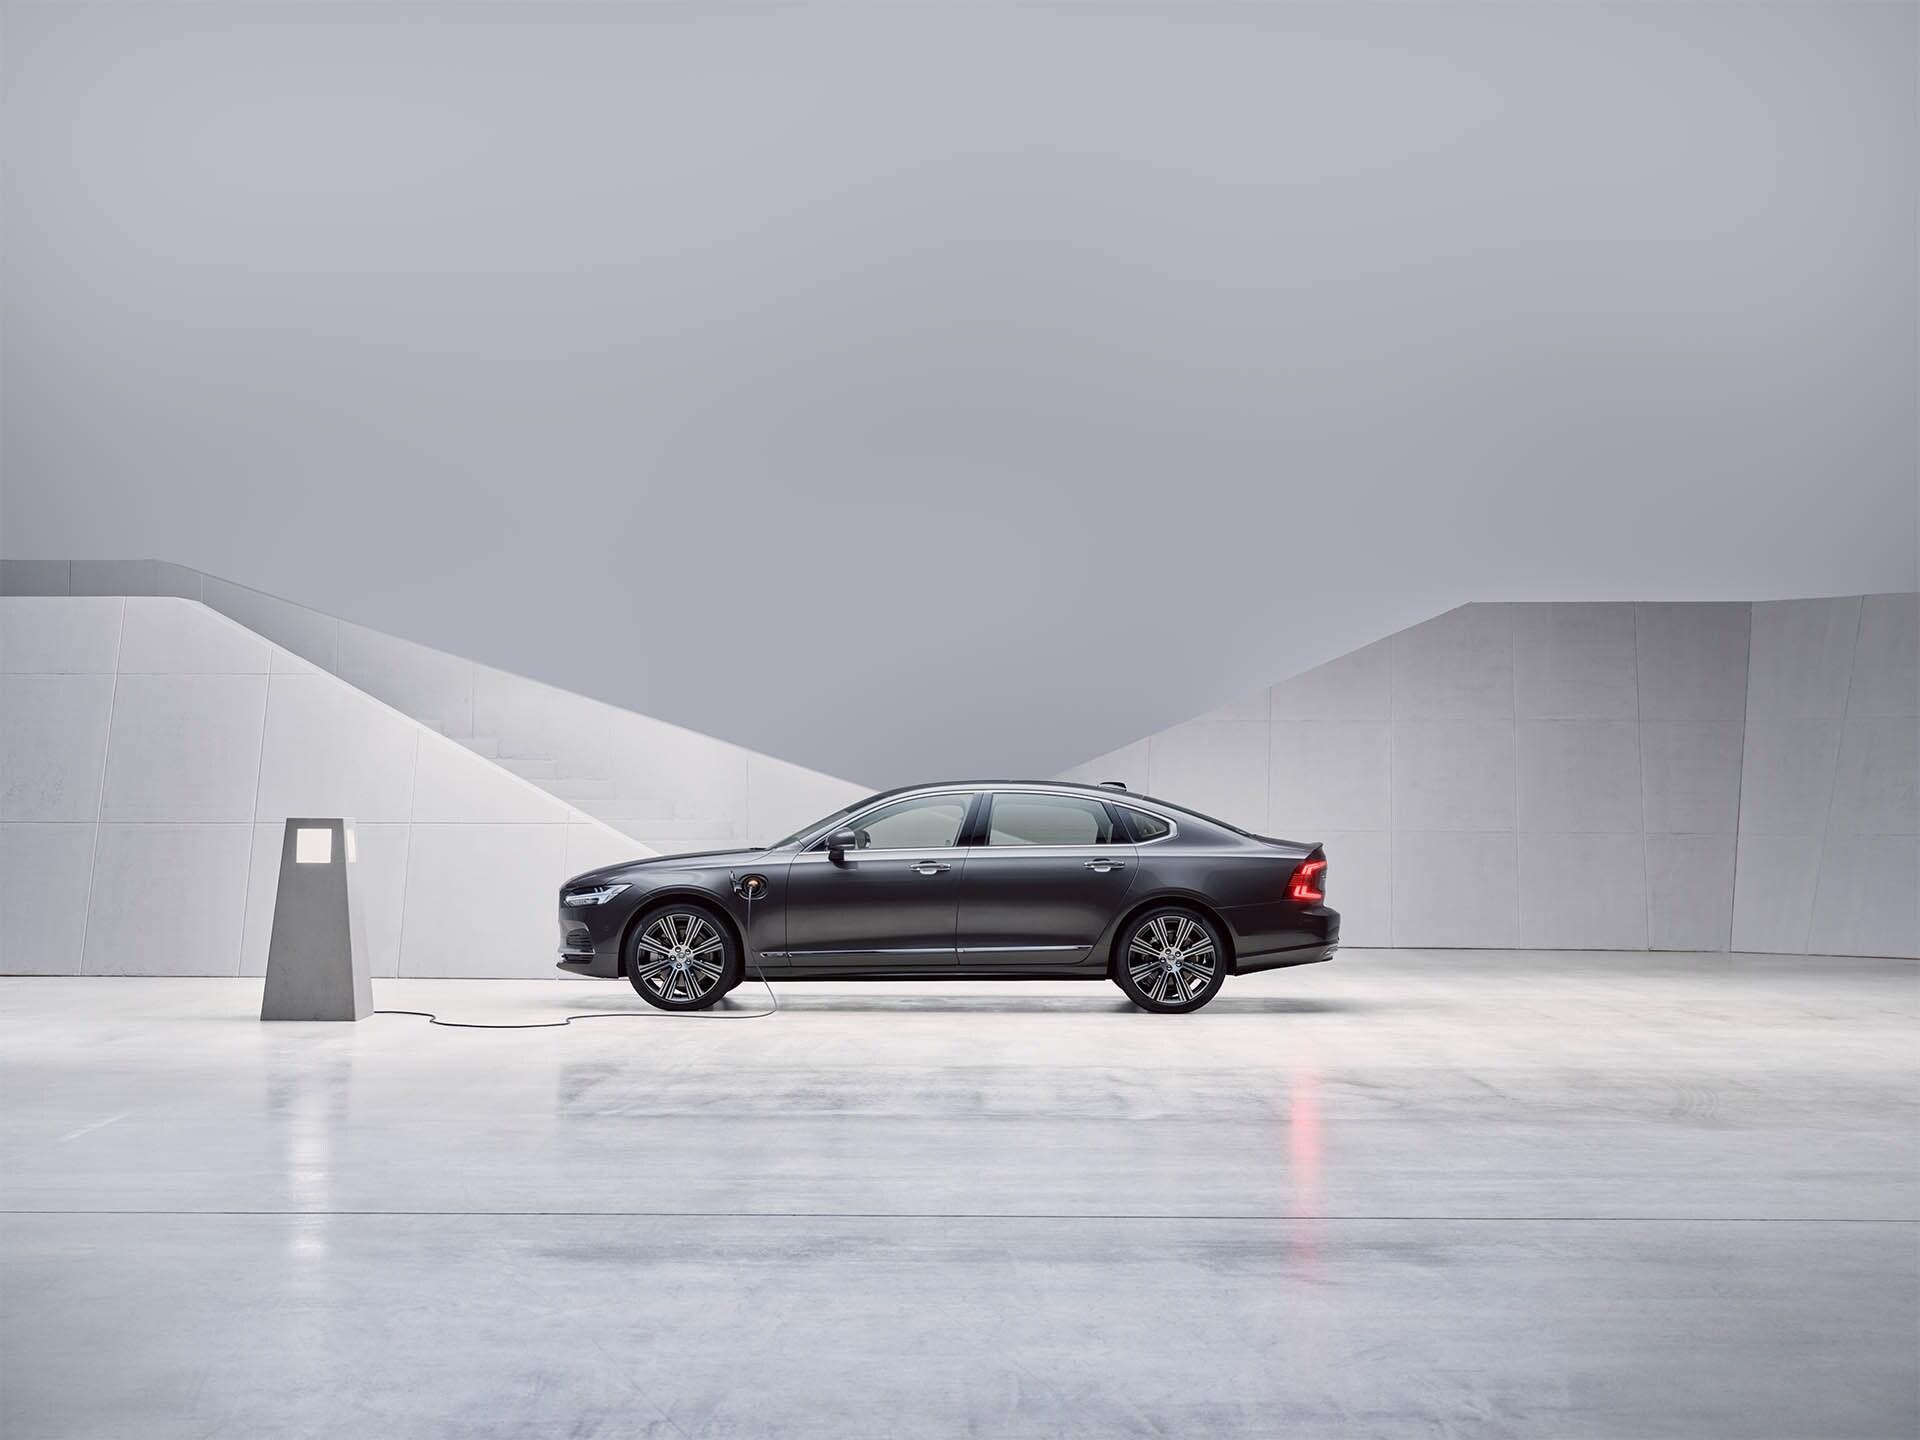 Berline Volvo S90 hybride rechargeable gris galet métallisé, en charge